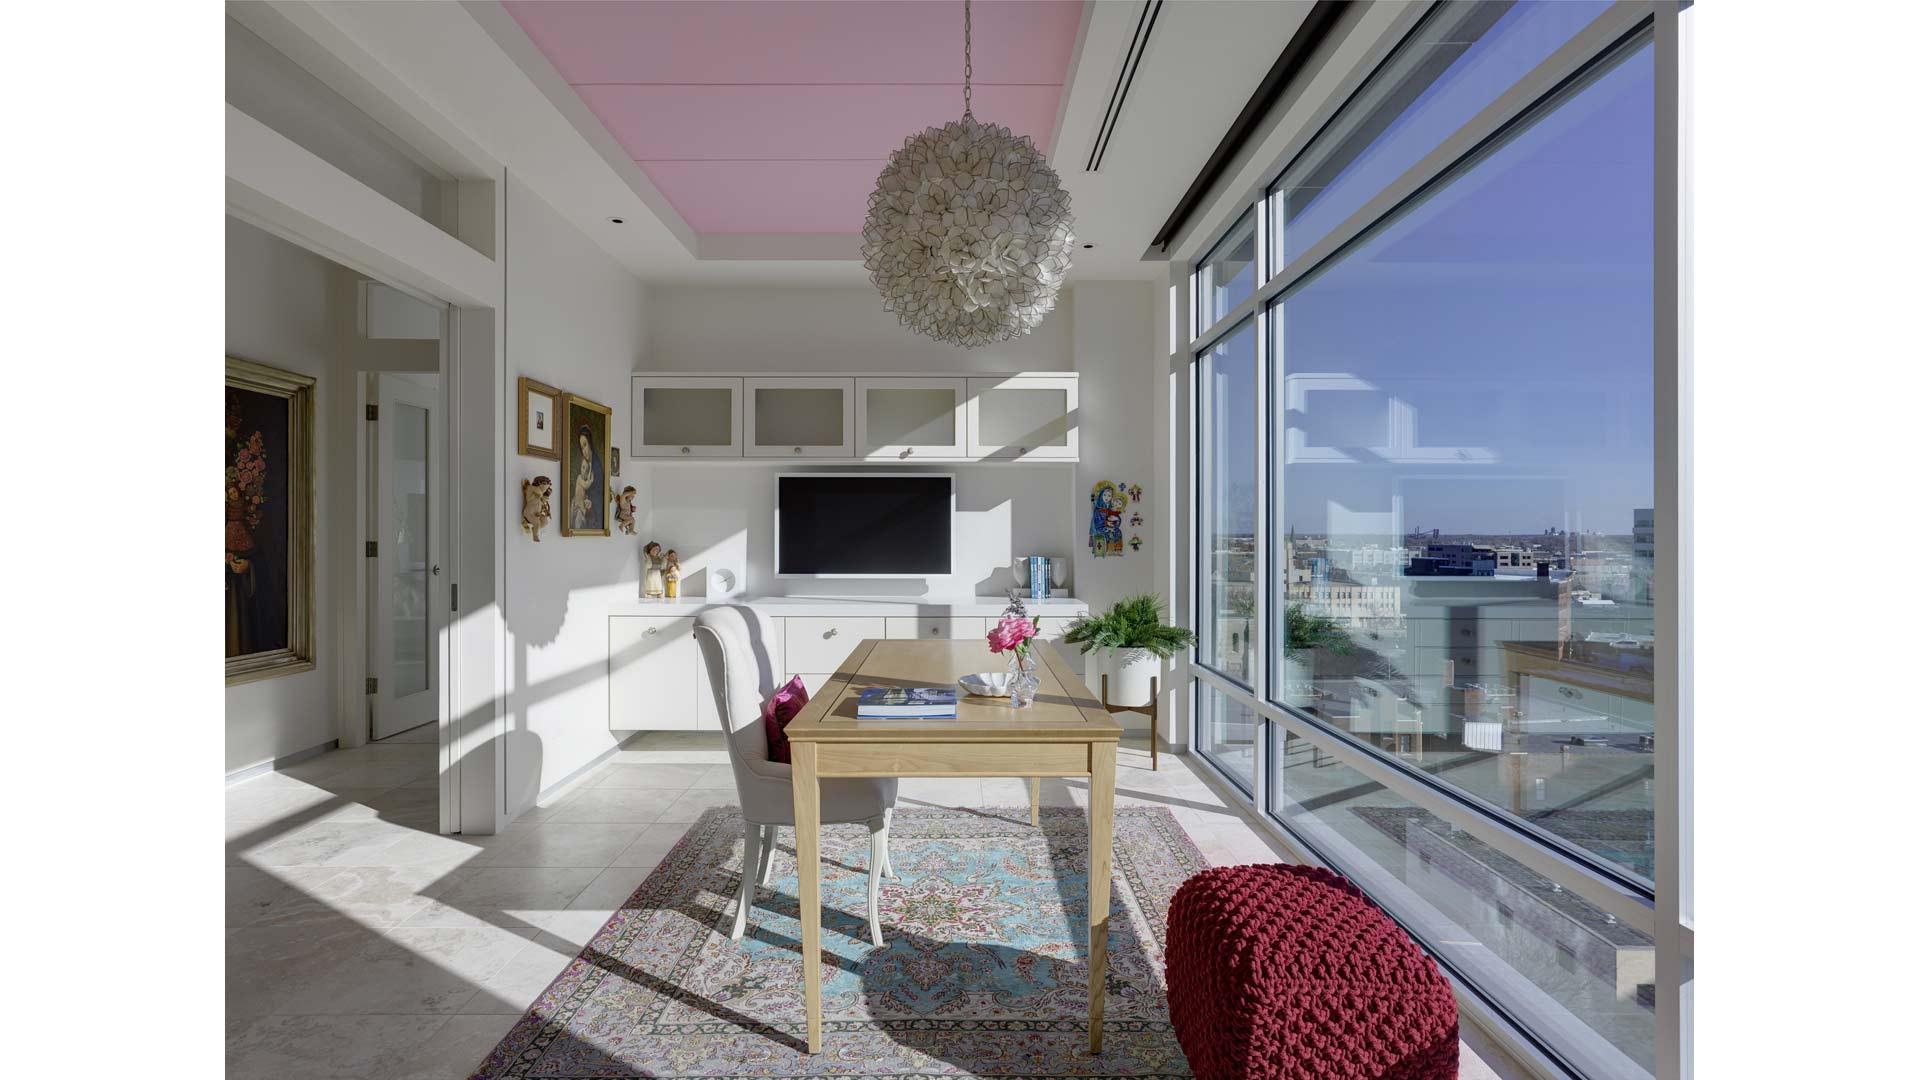 Adagio Penthouse Interior - Feminine Home Office - HAUS Architecture, Christopher Short, Indianapolis Architect